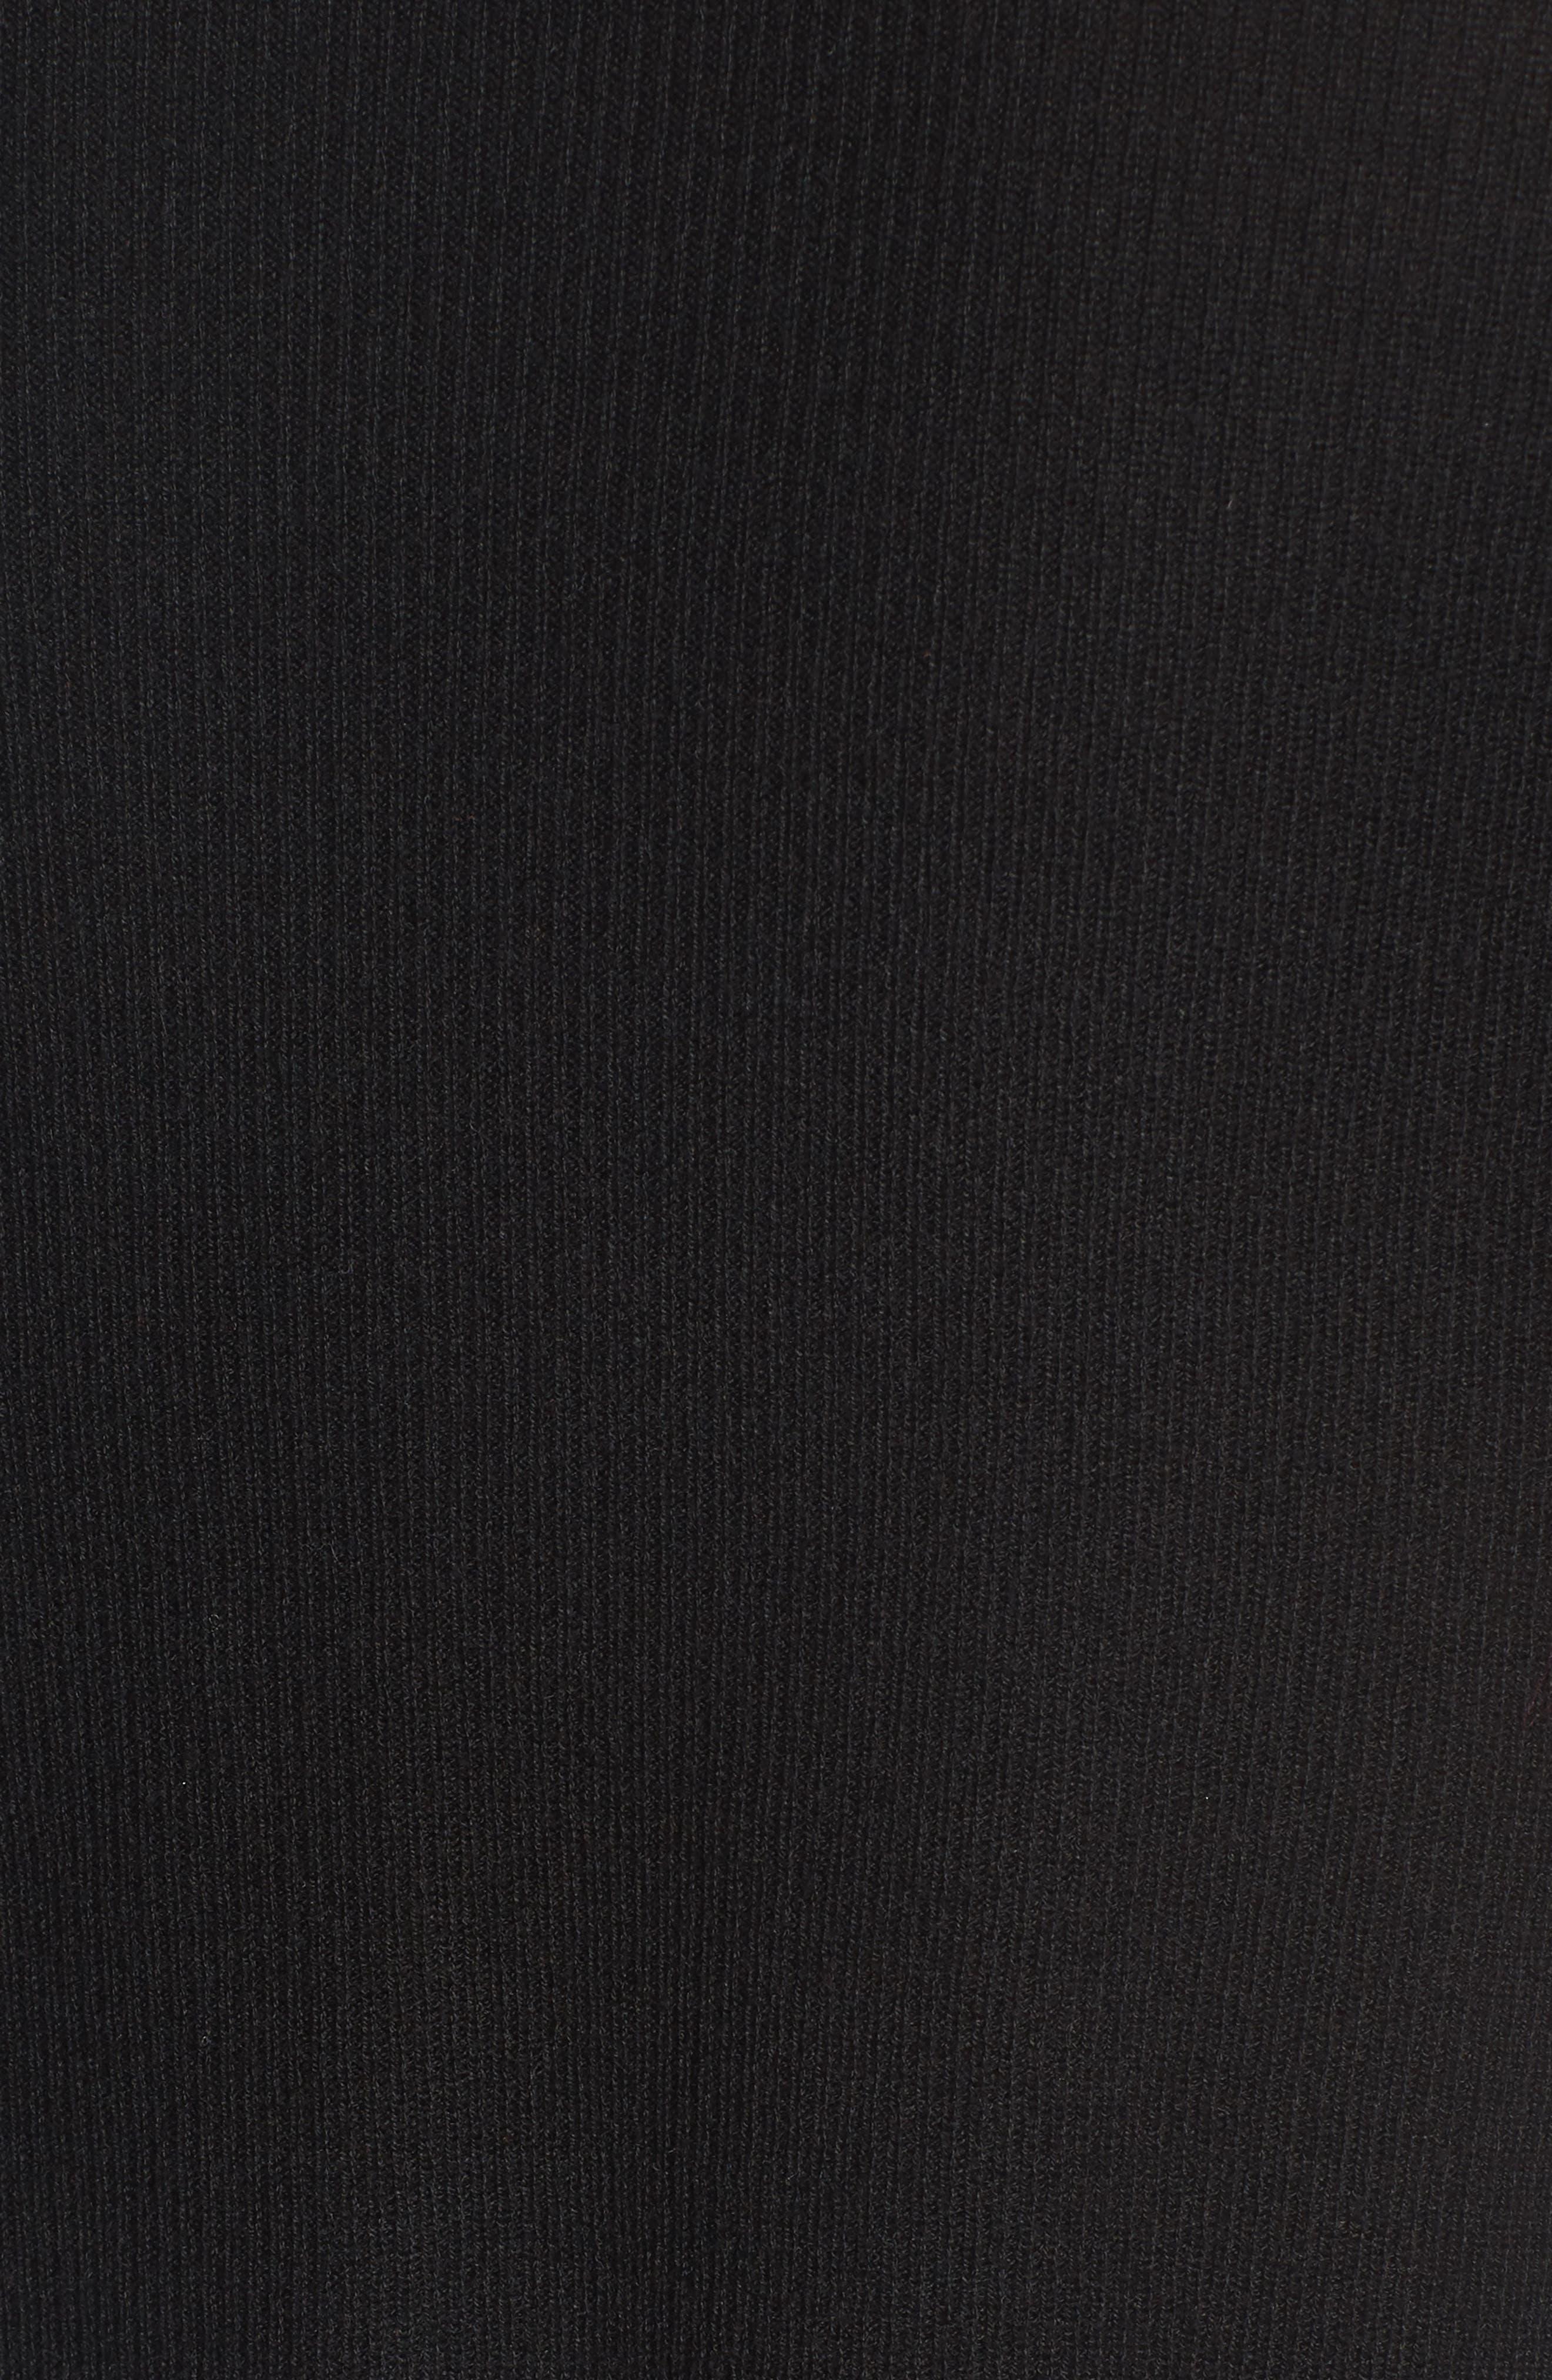 V-Neck Pullover,                             Alternate thumbnail 5, color,                             001